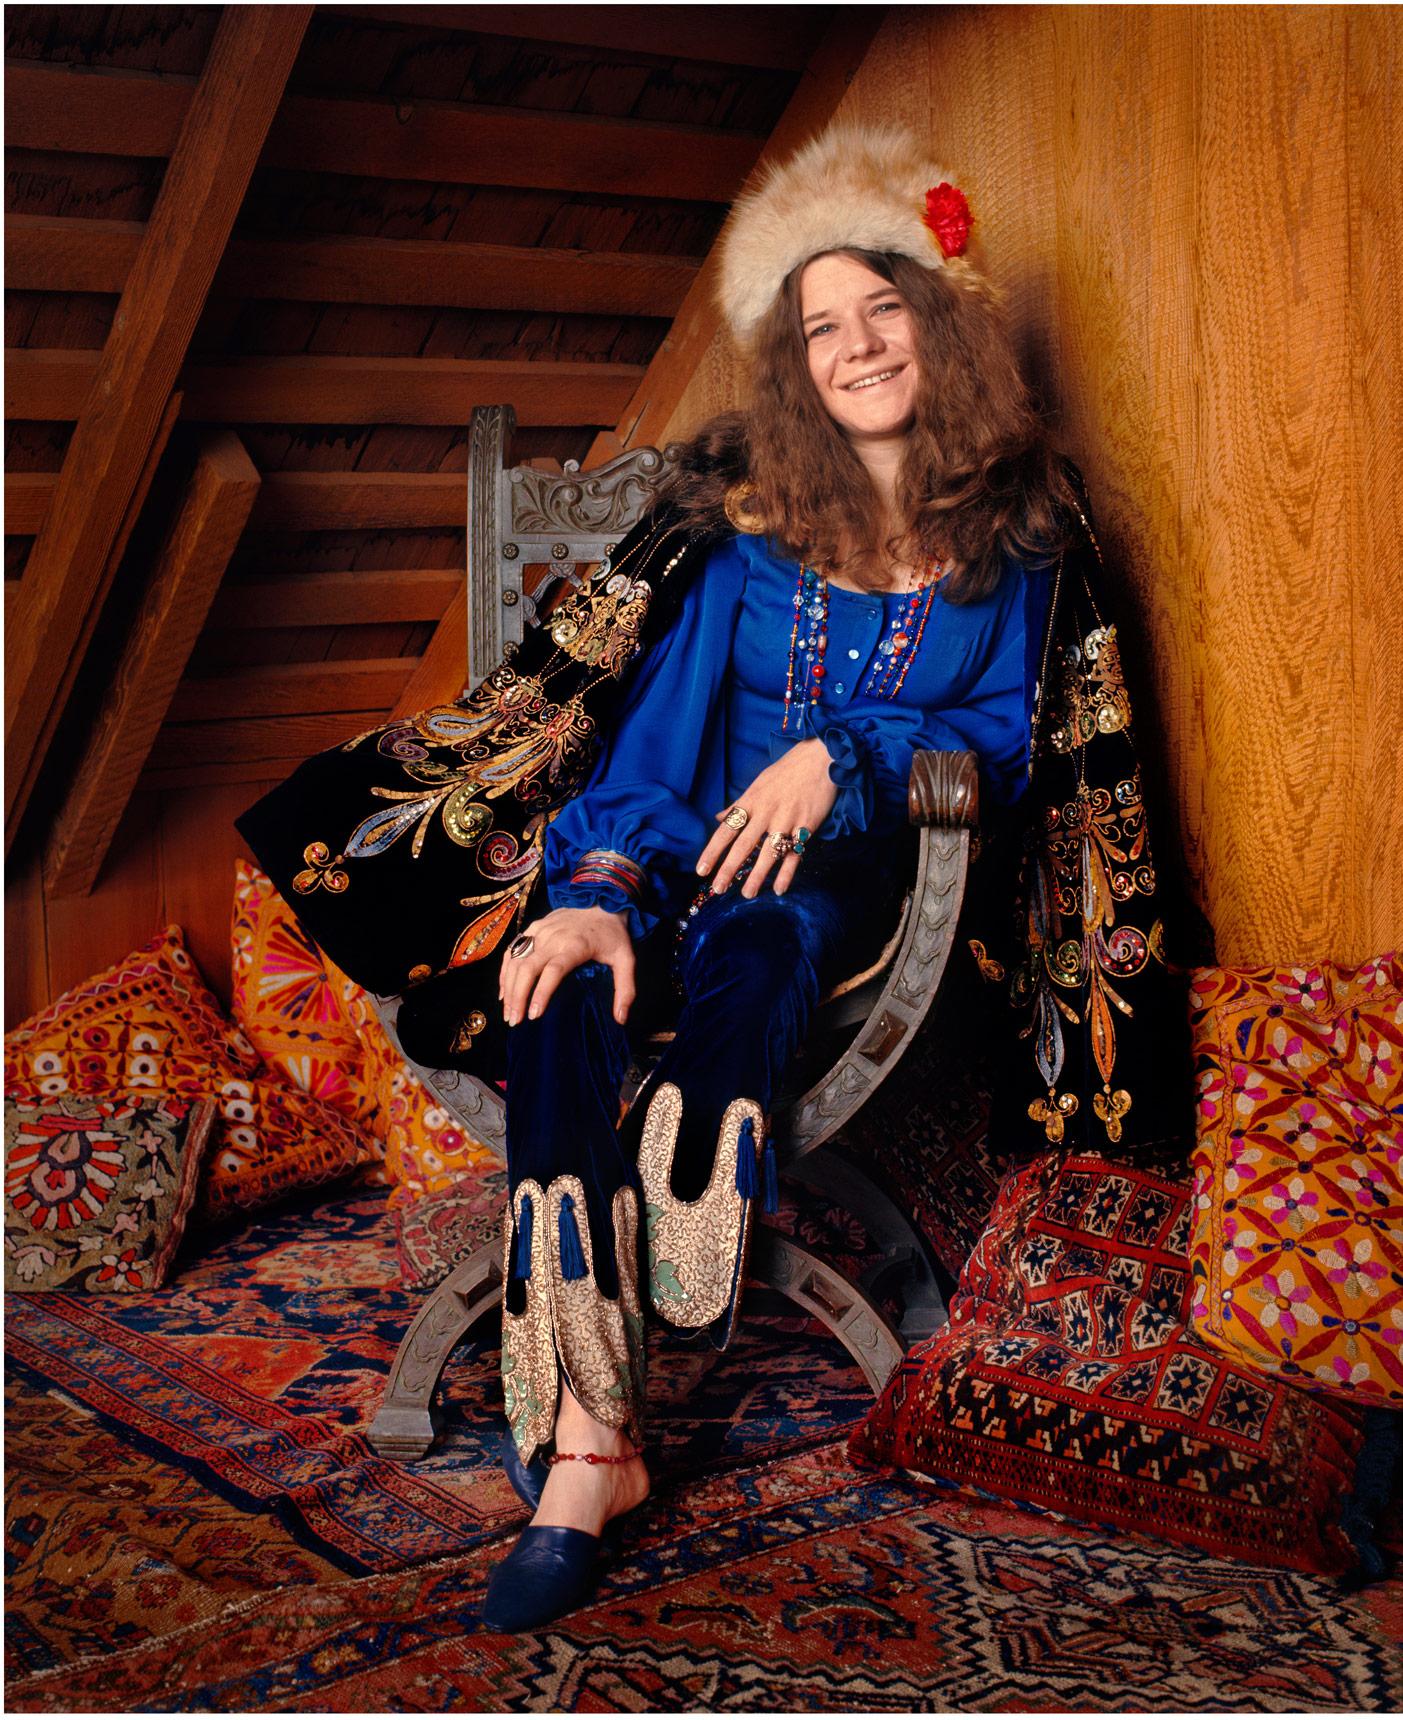 Janis-Joplin-DF_2.jpg